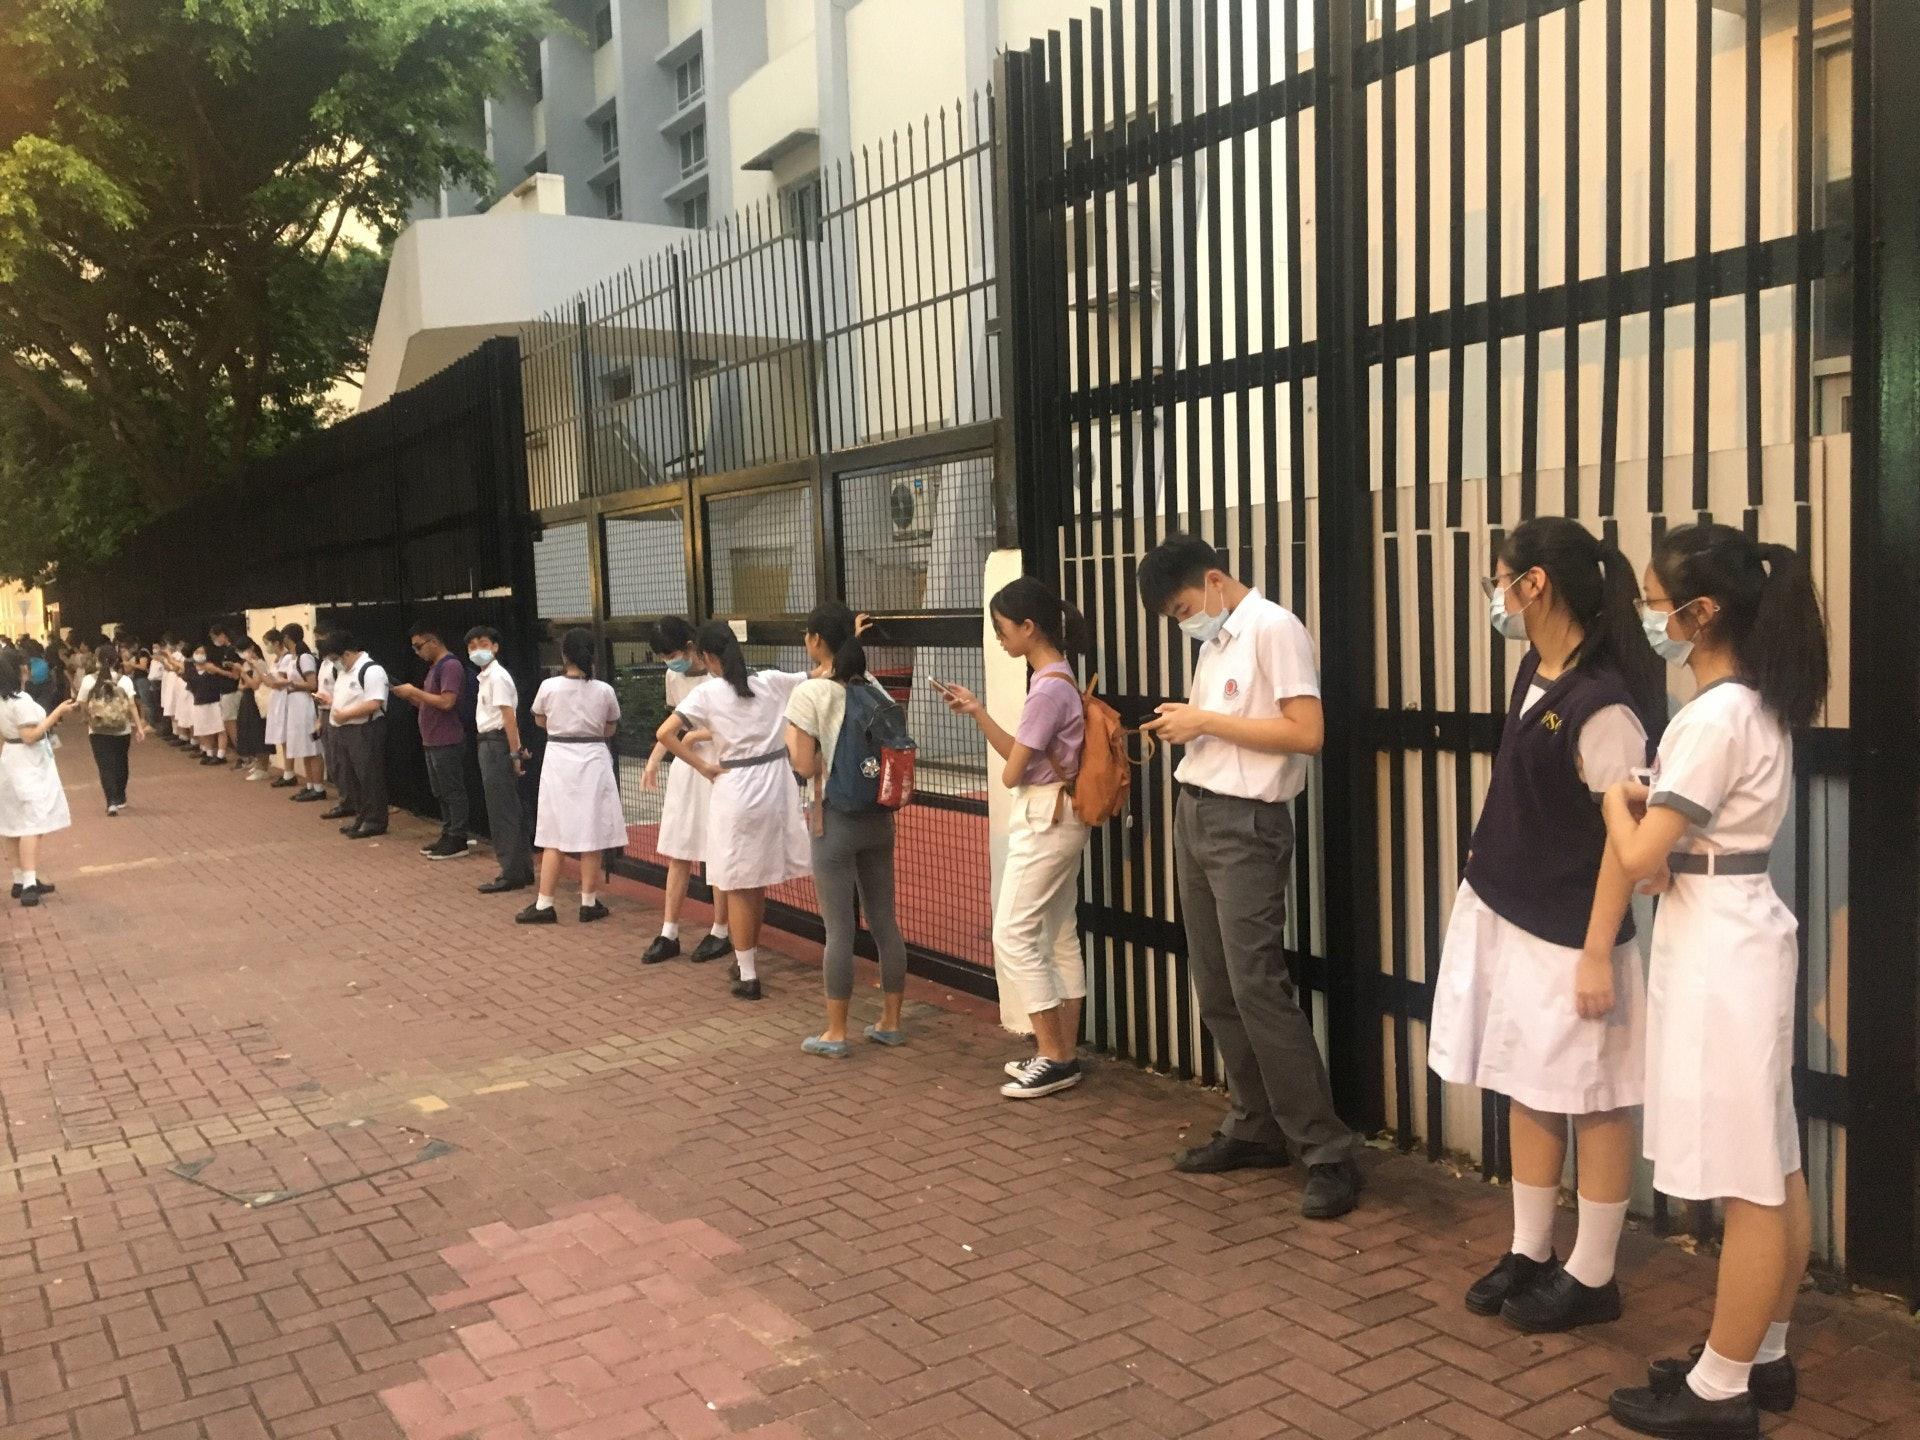 王少清中學校門外有大約30位學生及校友一字排開。(李恩慈攝)